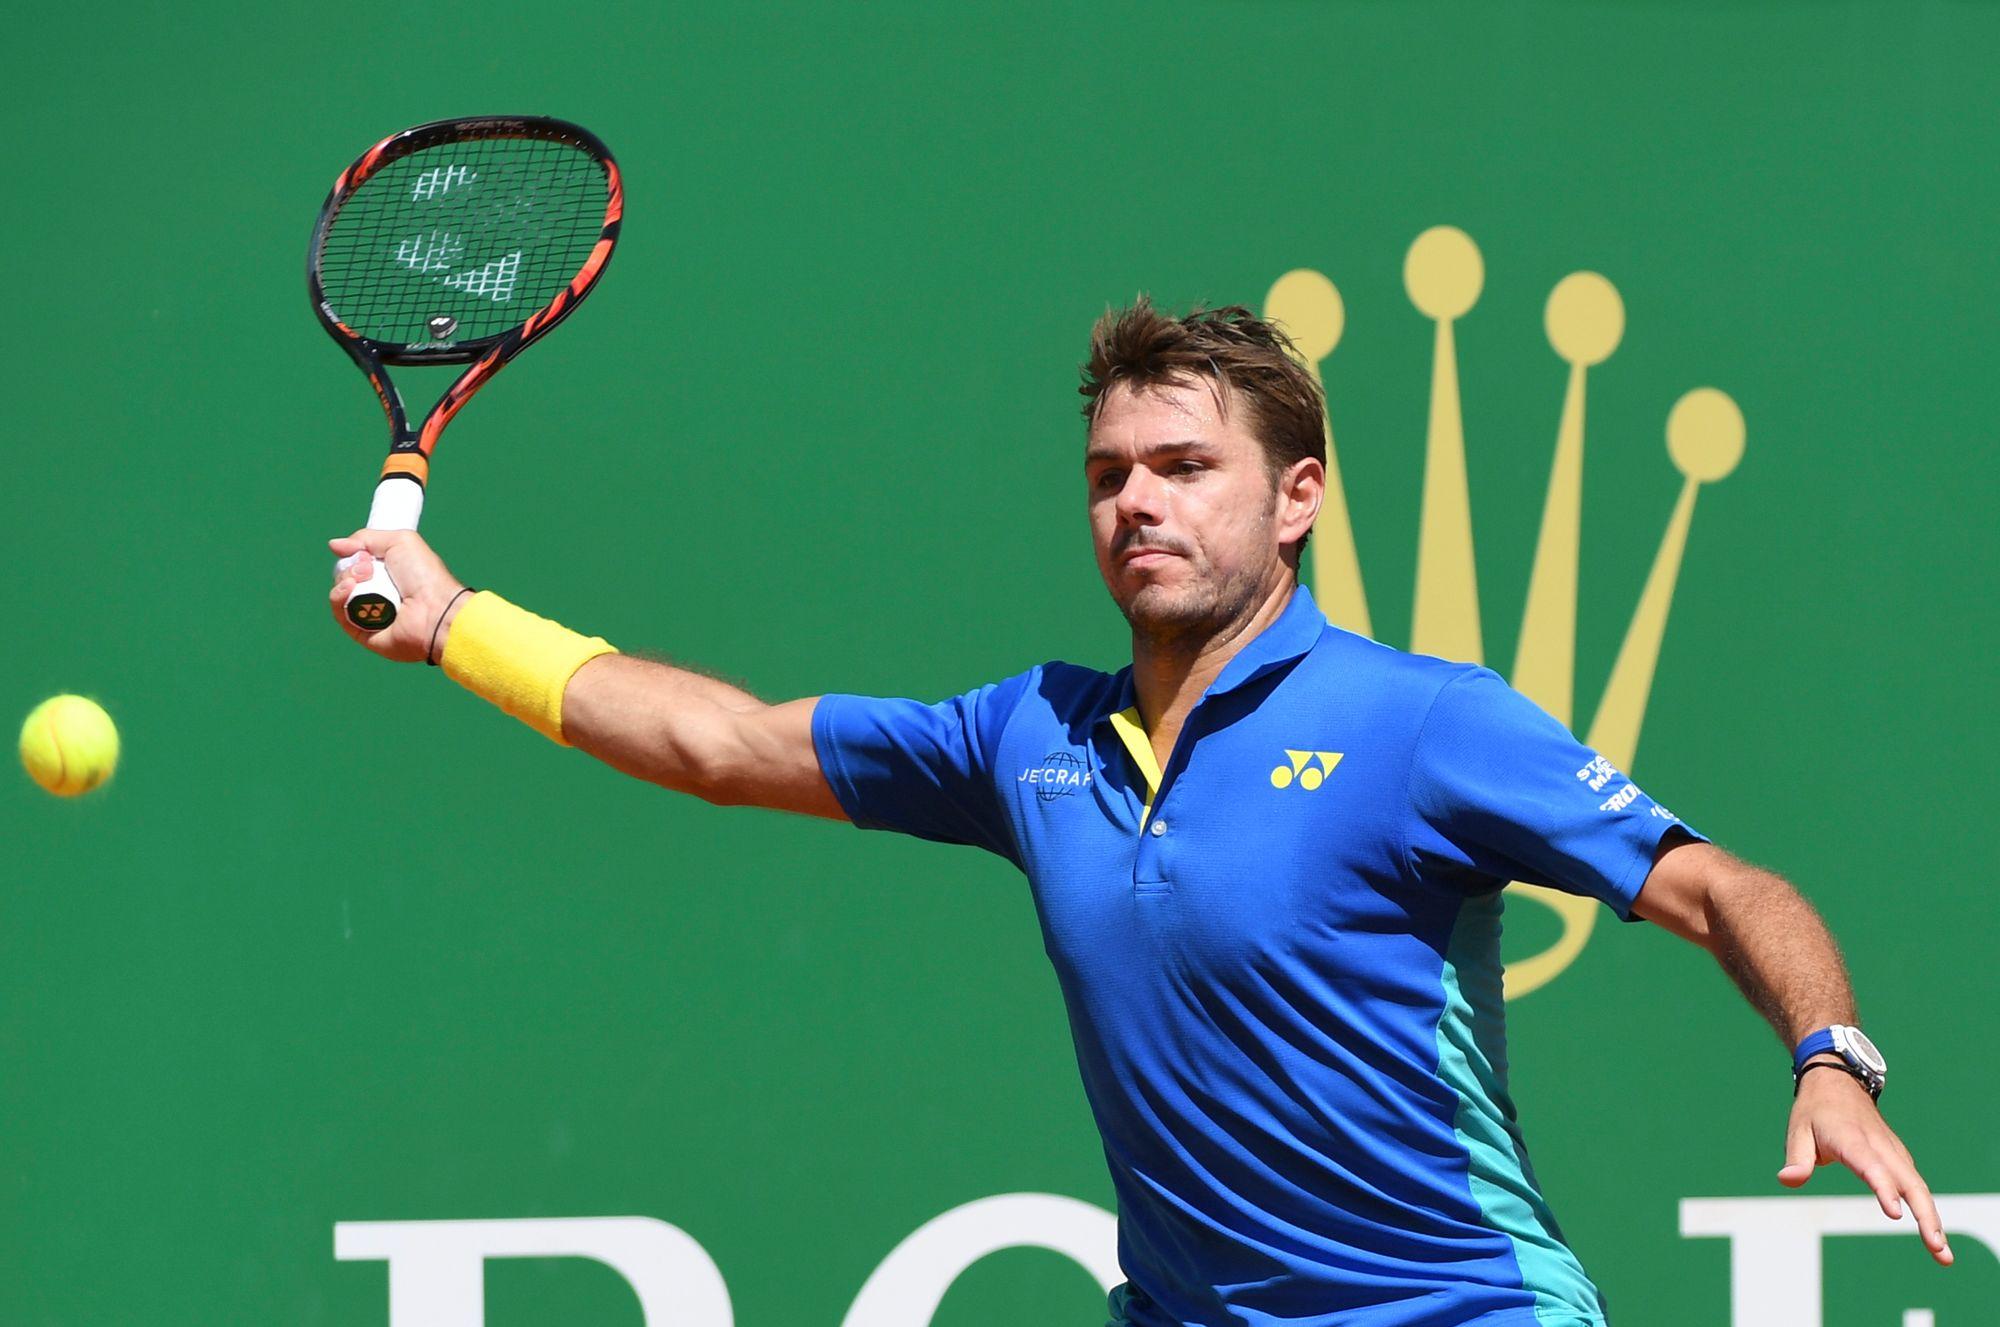 ATP - Monte-Carlo: Andy Murray et Stan Wawrinka éliminés à Monte-Carlo